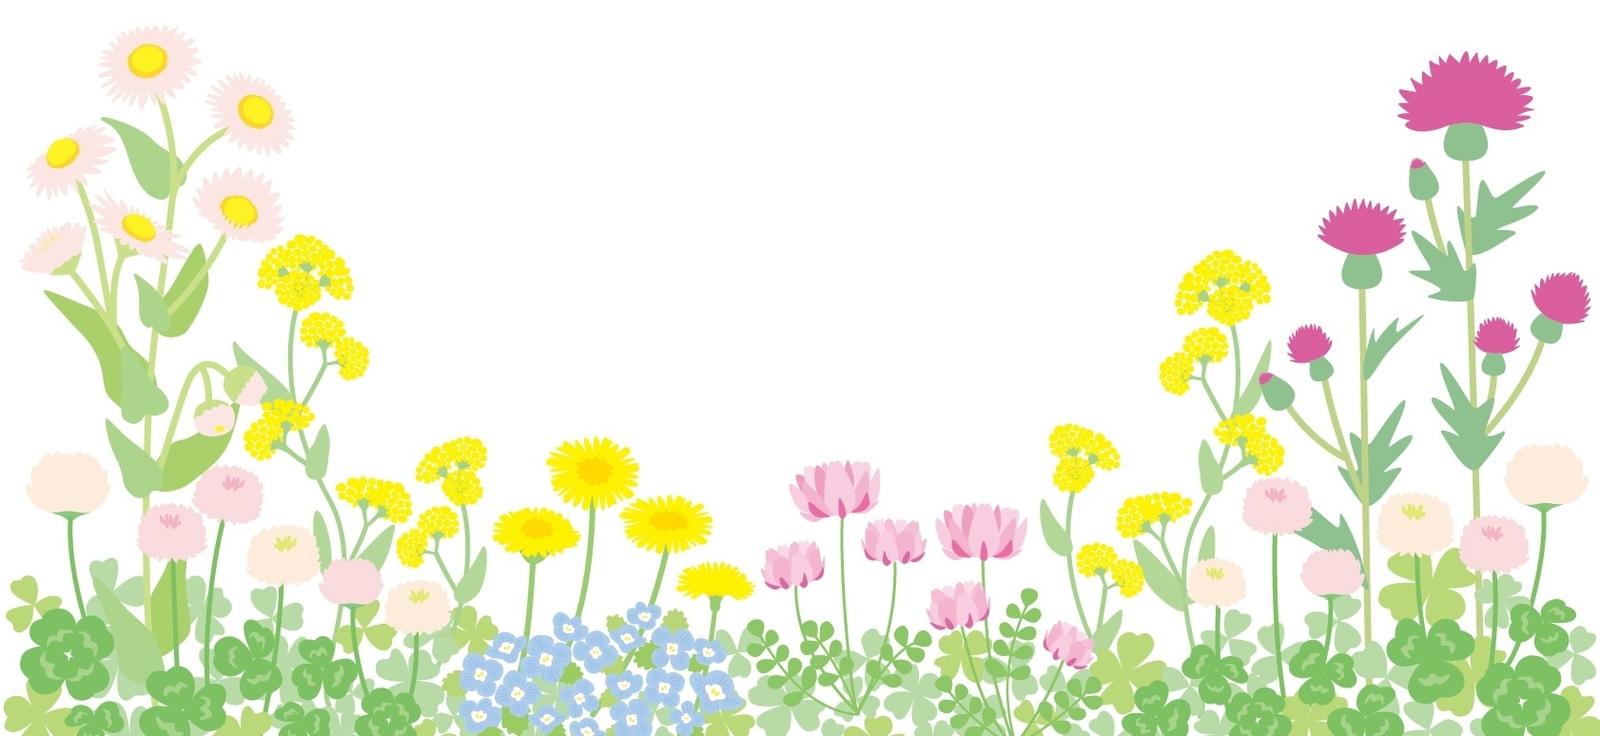 花太郎BLOG_綺麗な花にも臭みあり!?美しき臭い花を調べてみた(´・ω・`)